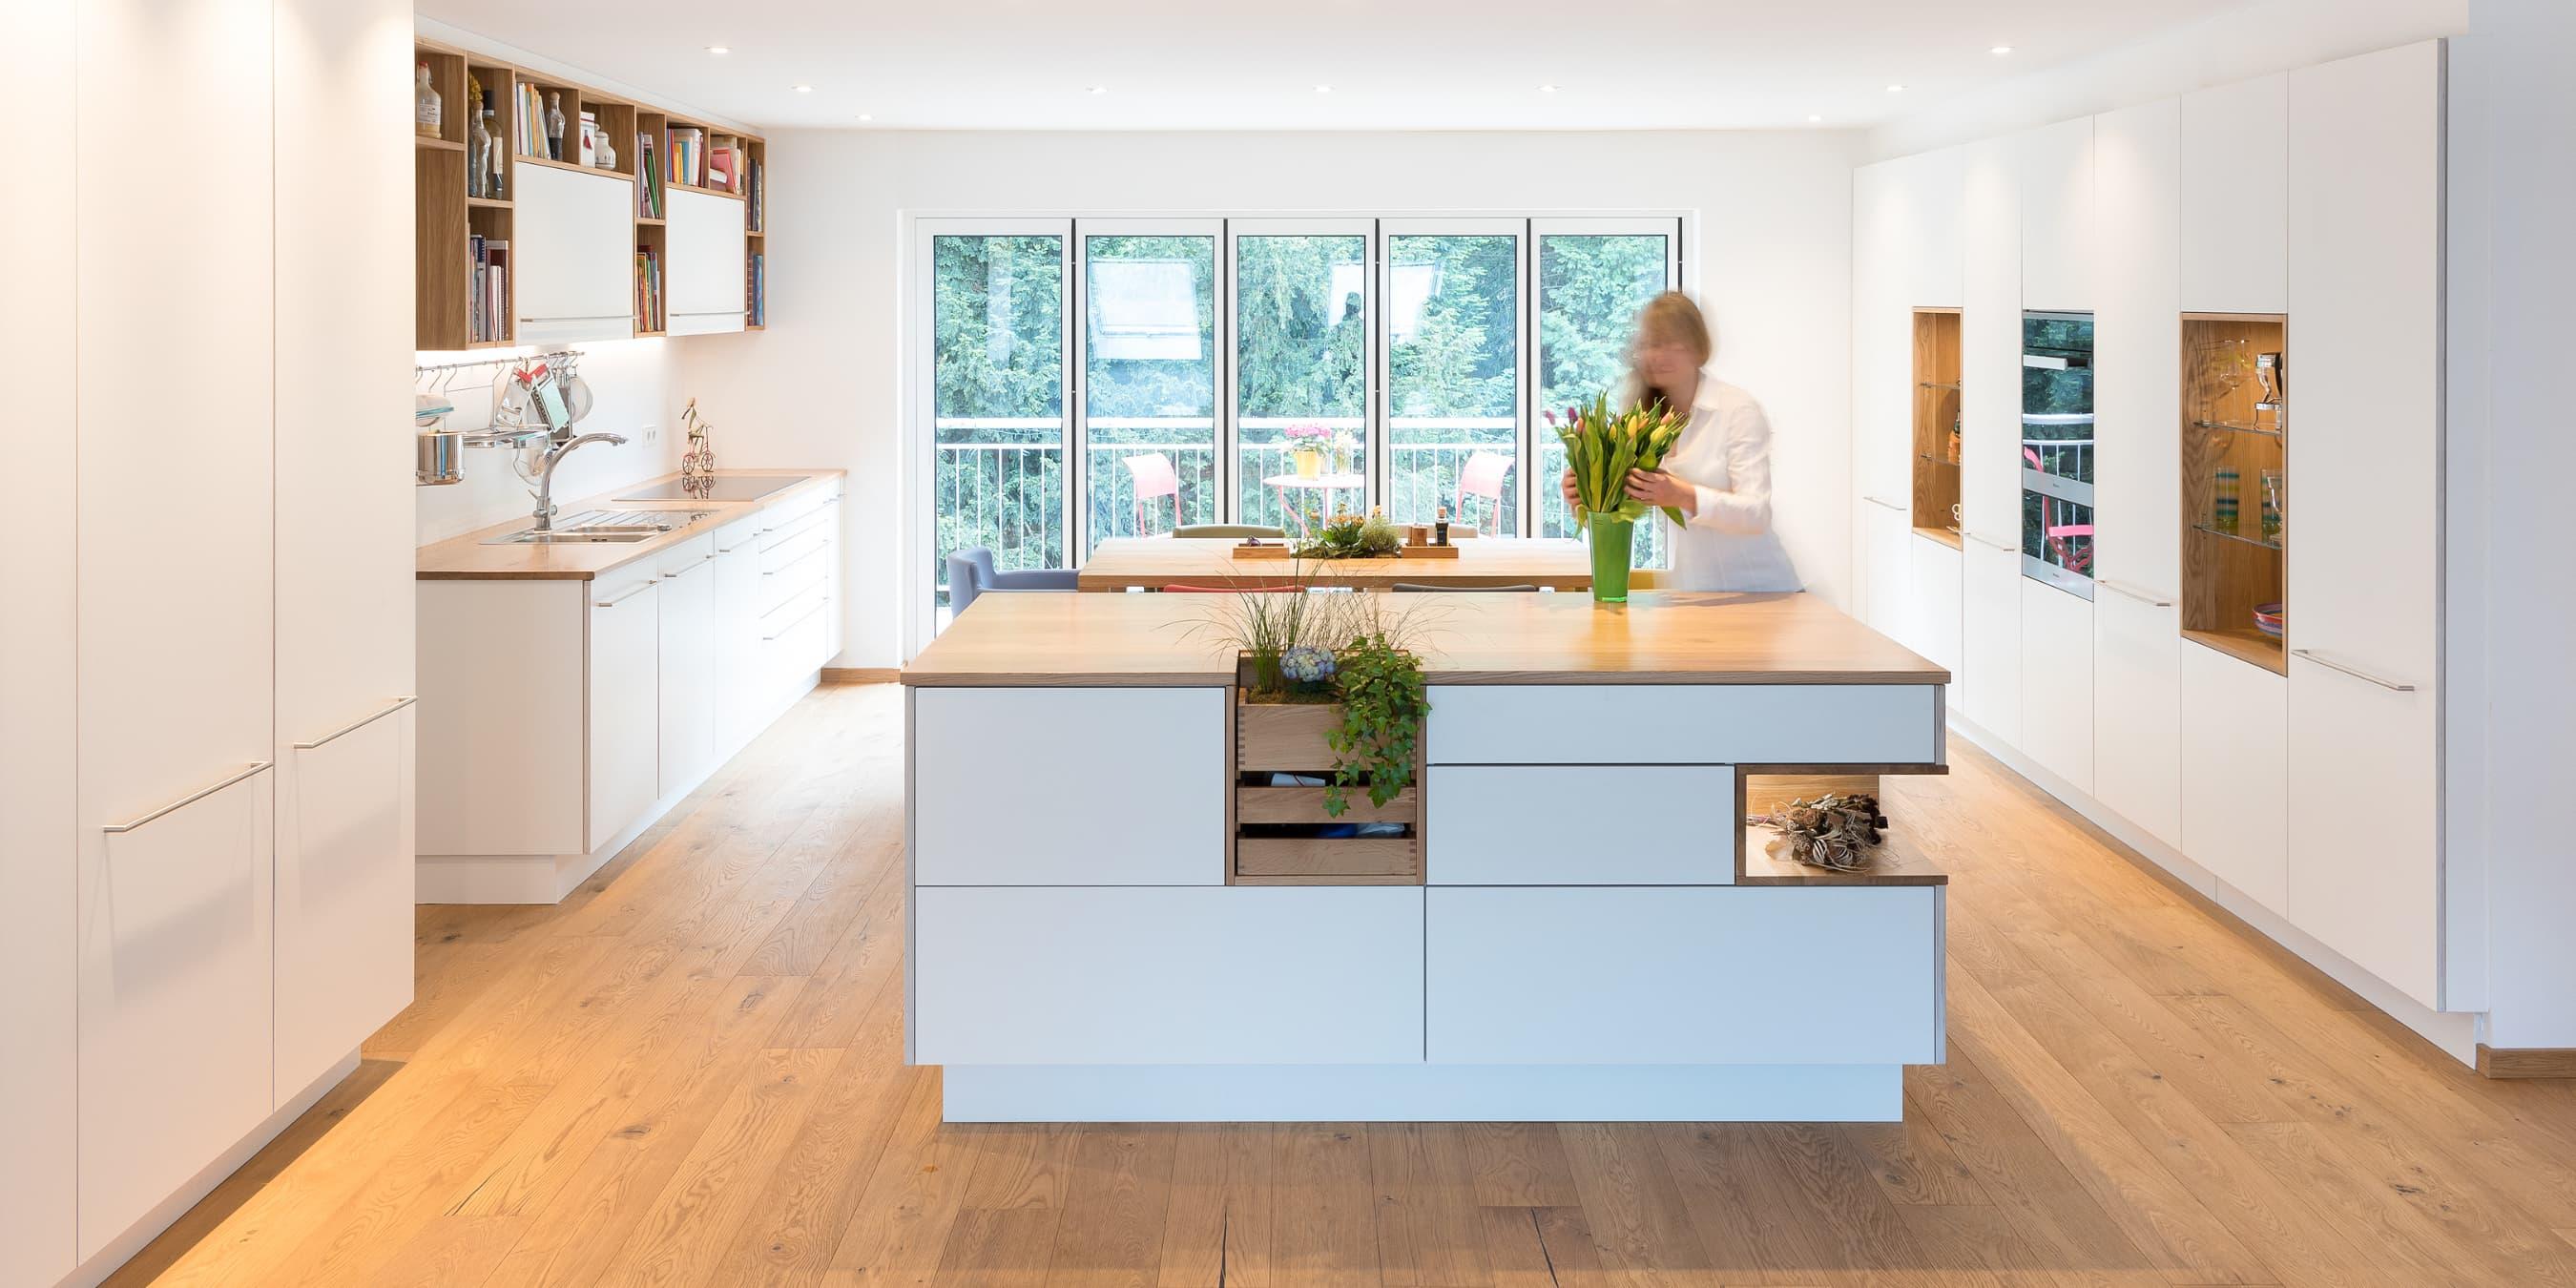 Küche planen mit System